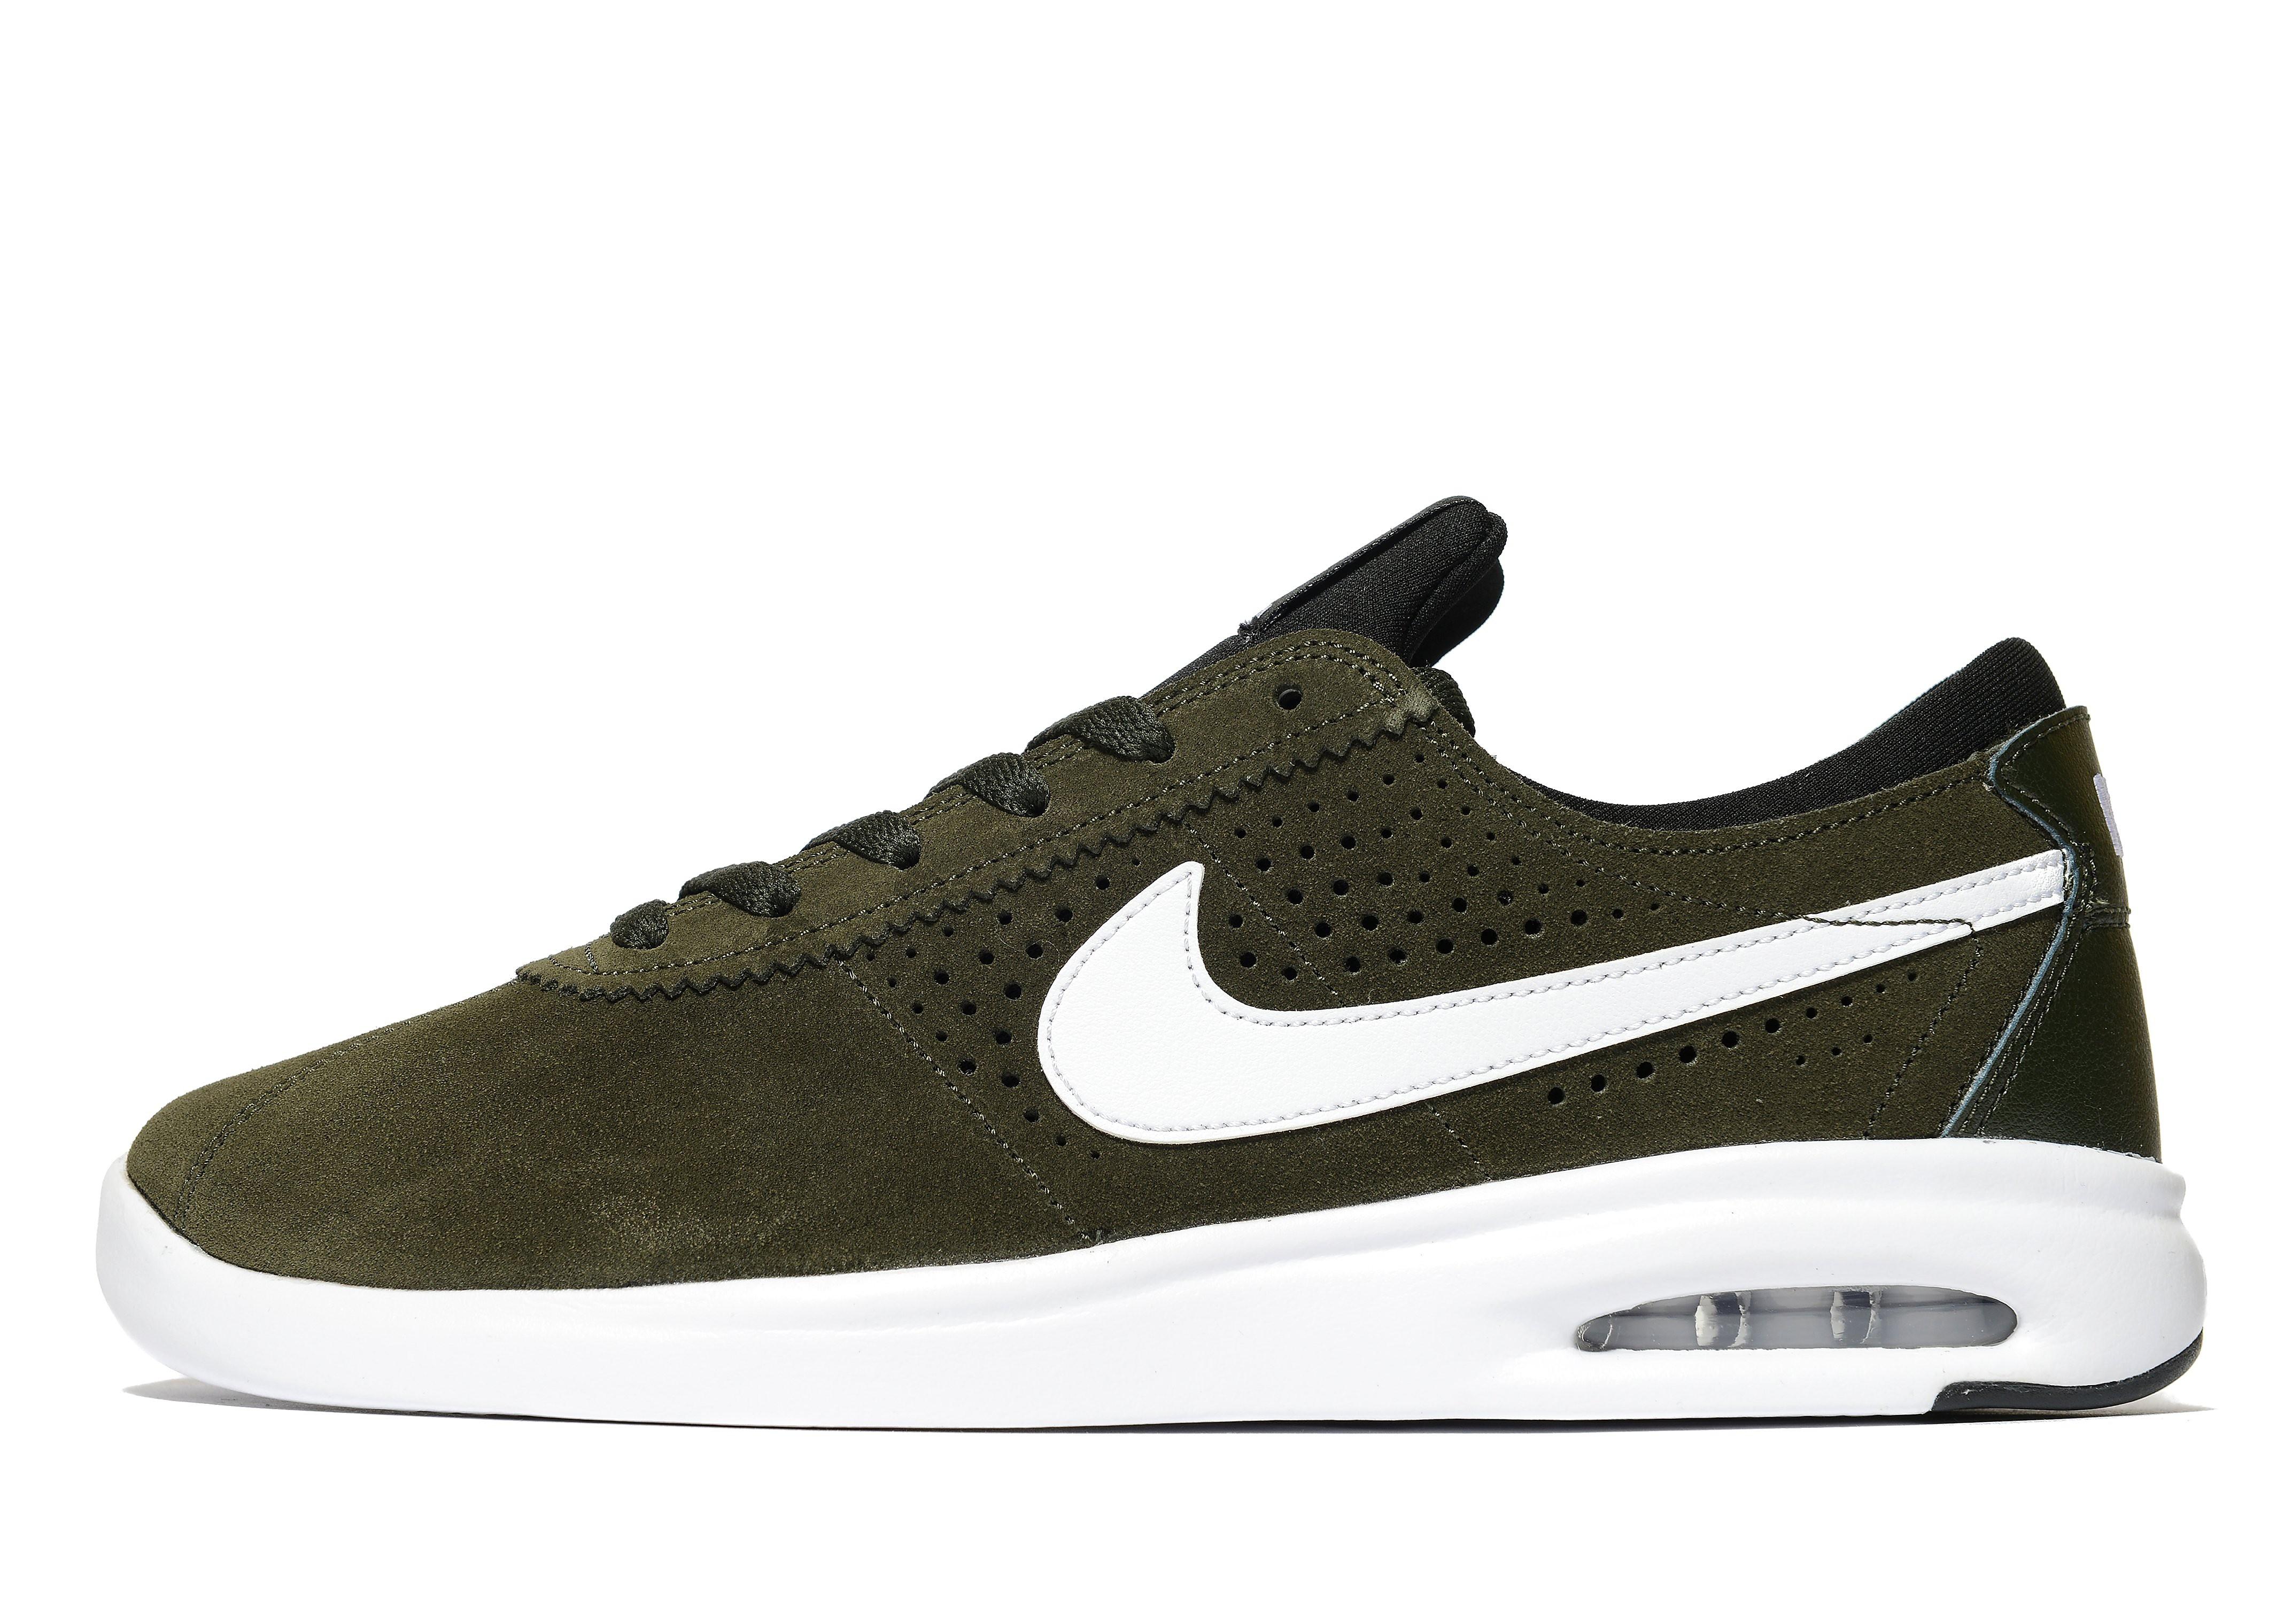 Nike Bruin Max Vapor